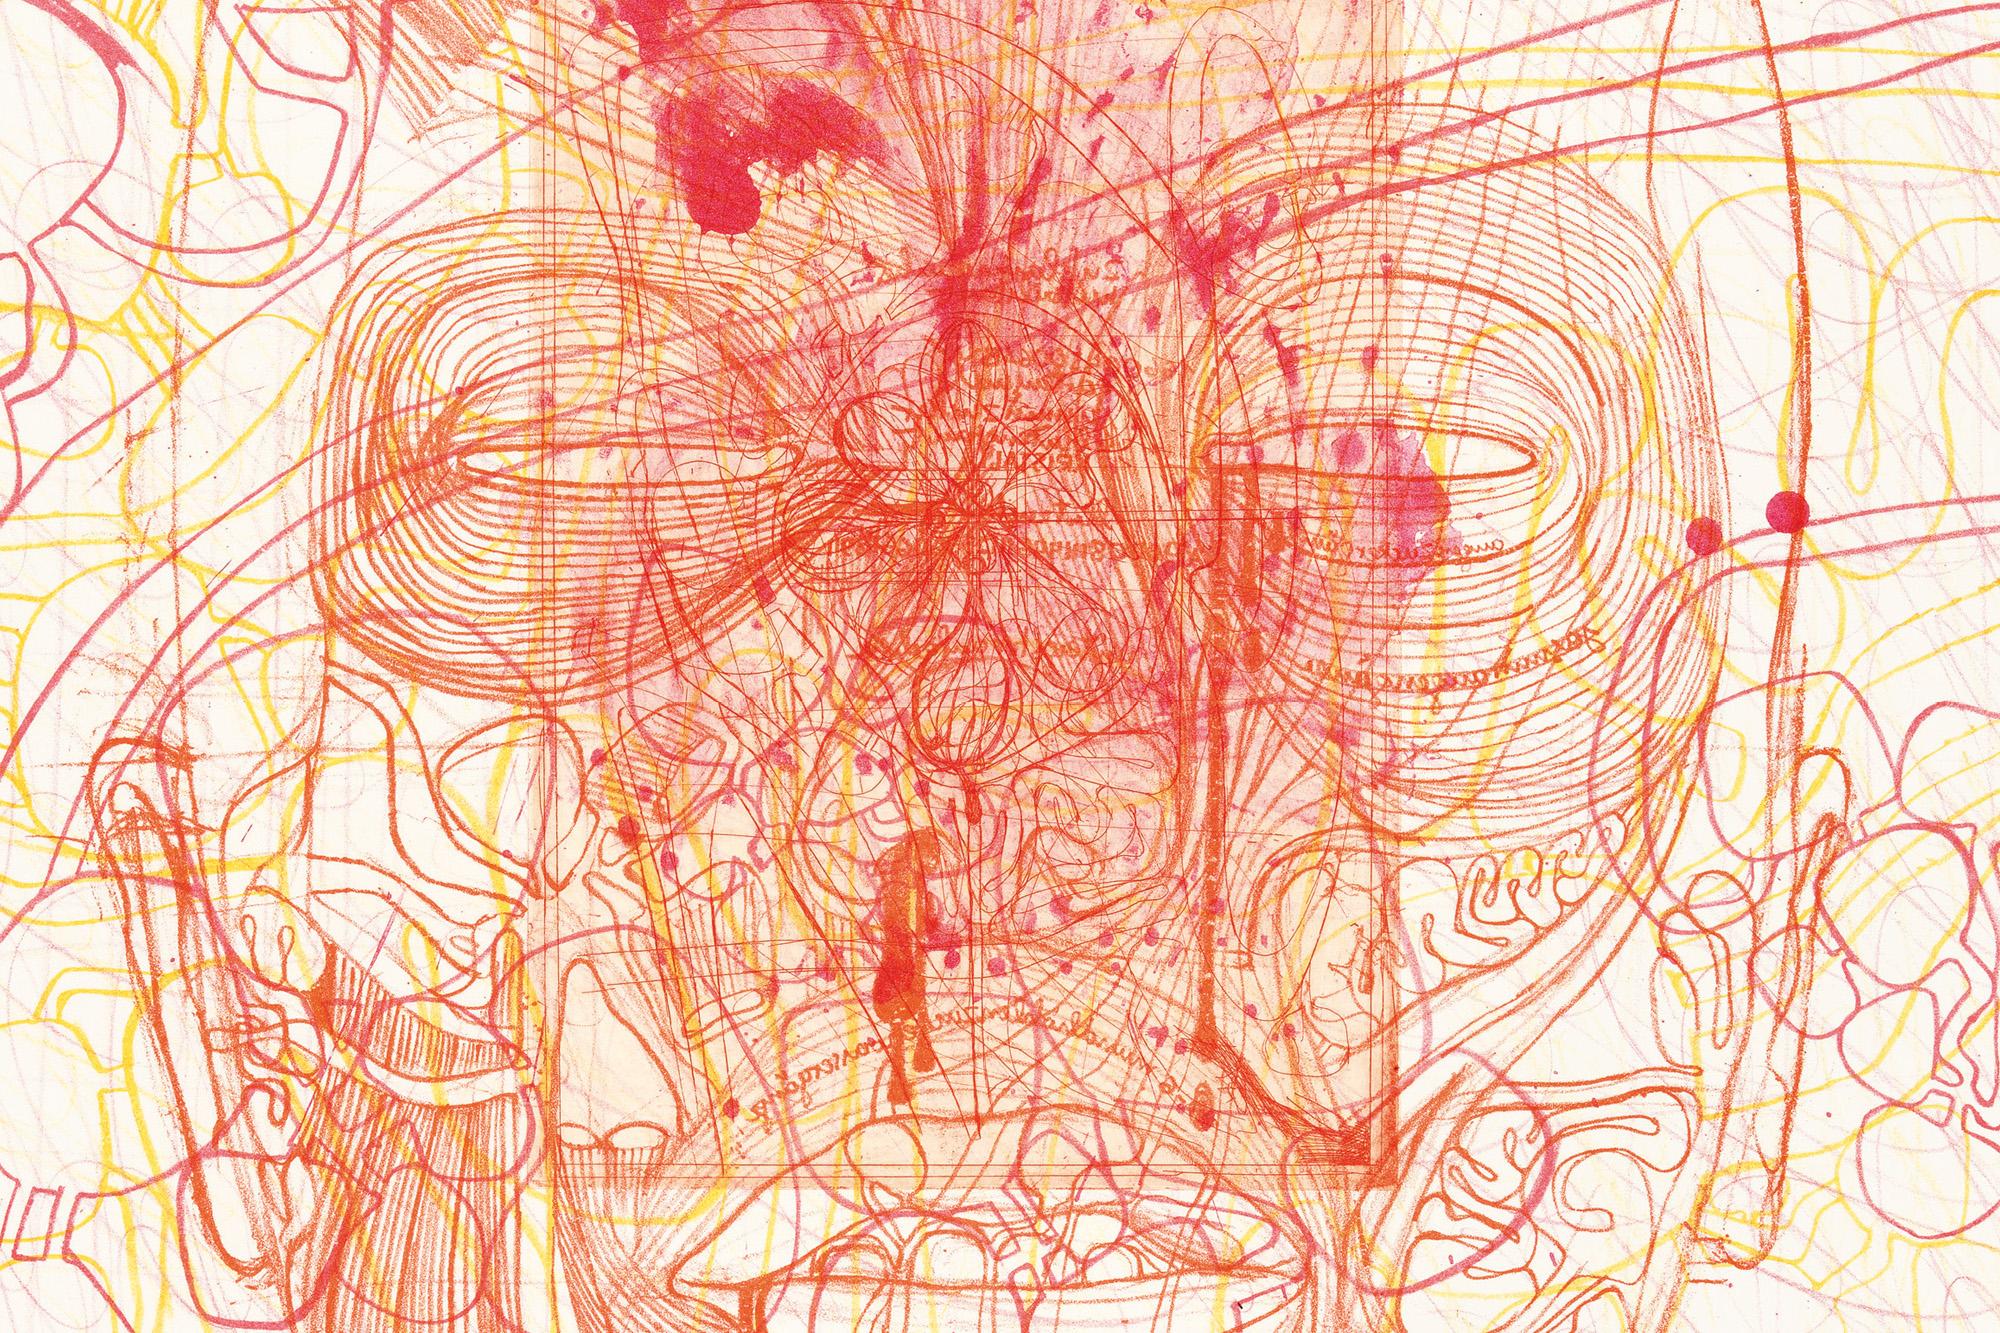 The Prints © atelier nitsch/pixelstorm